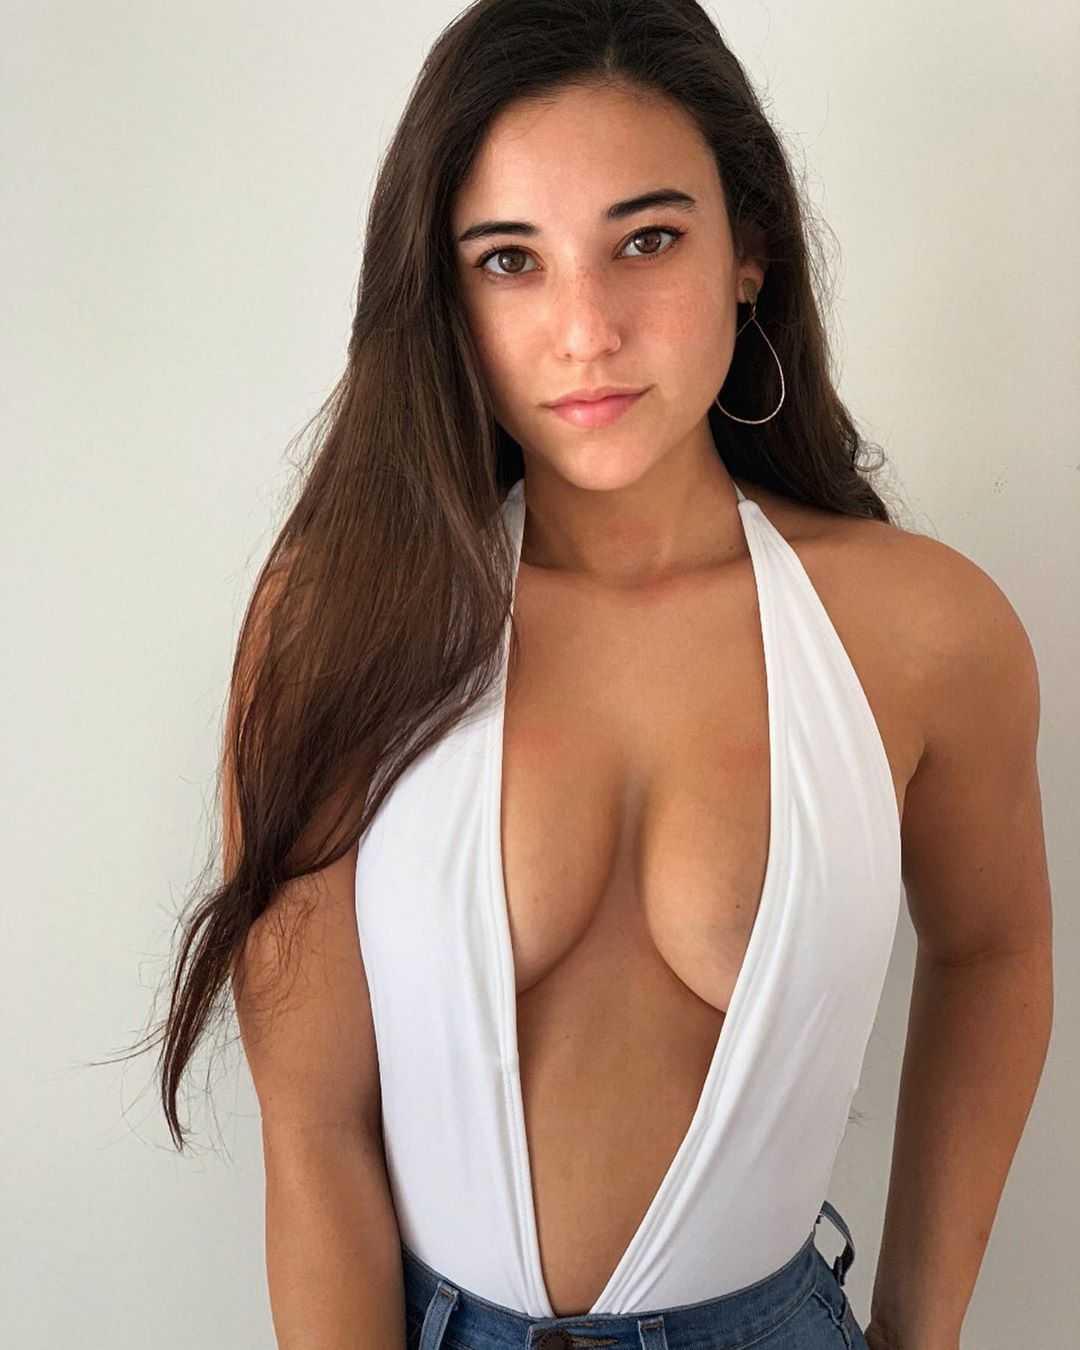 Angie Varona tits (2)